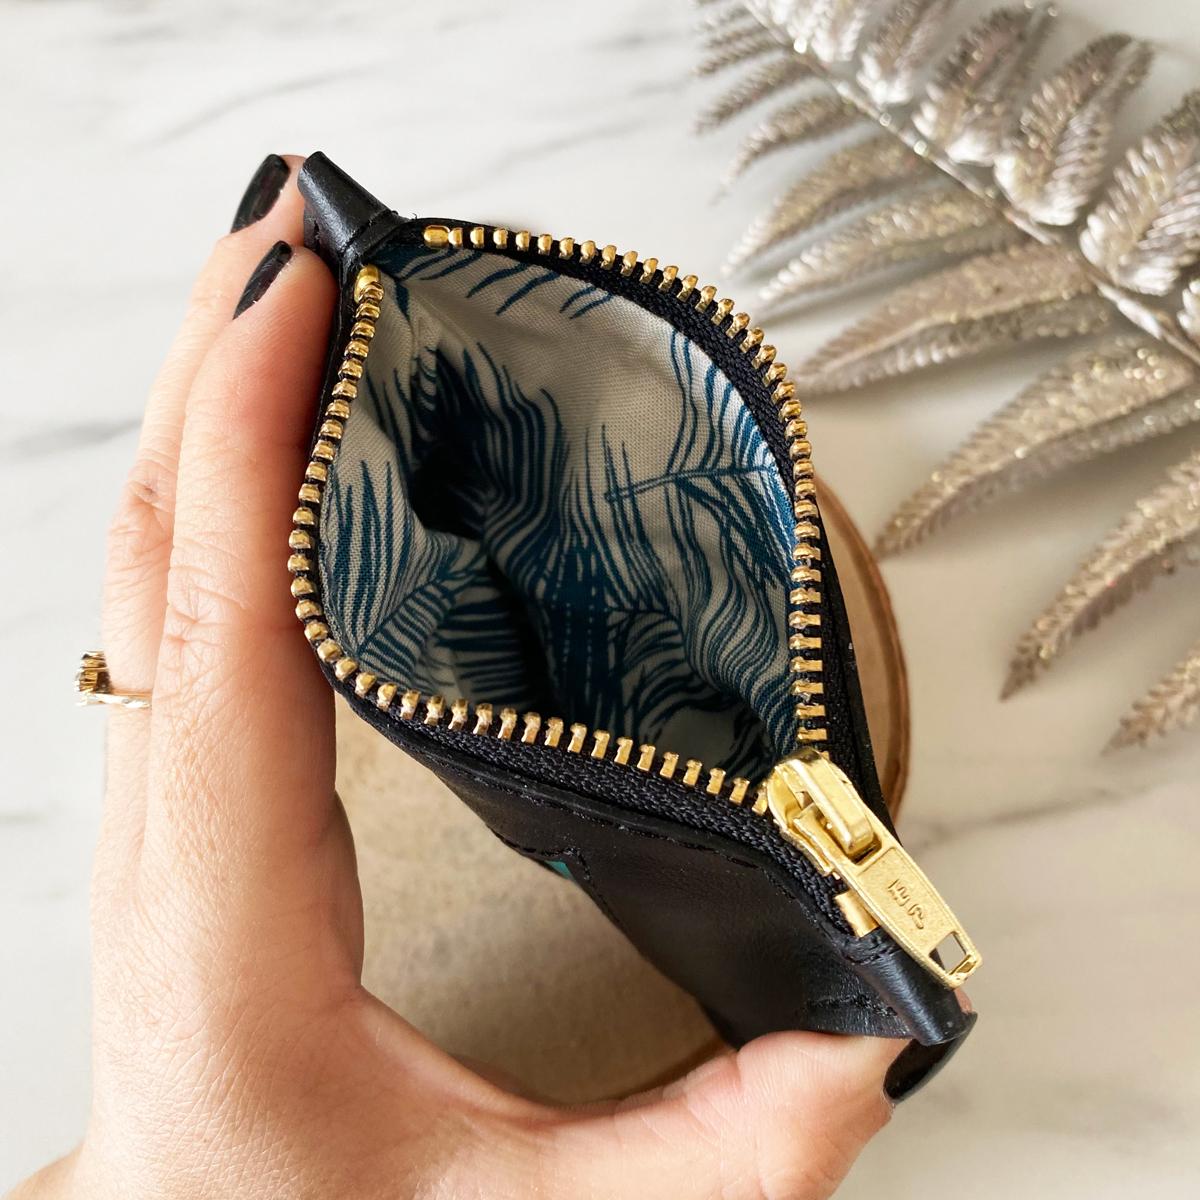 Manali sacs a main en cuir fait main en france